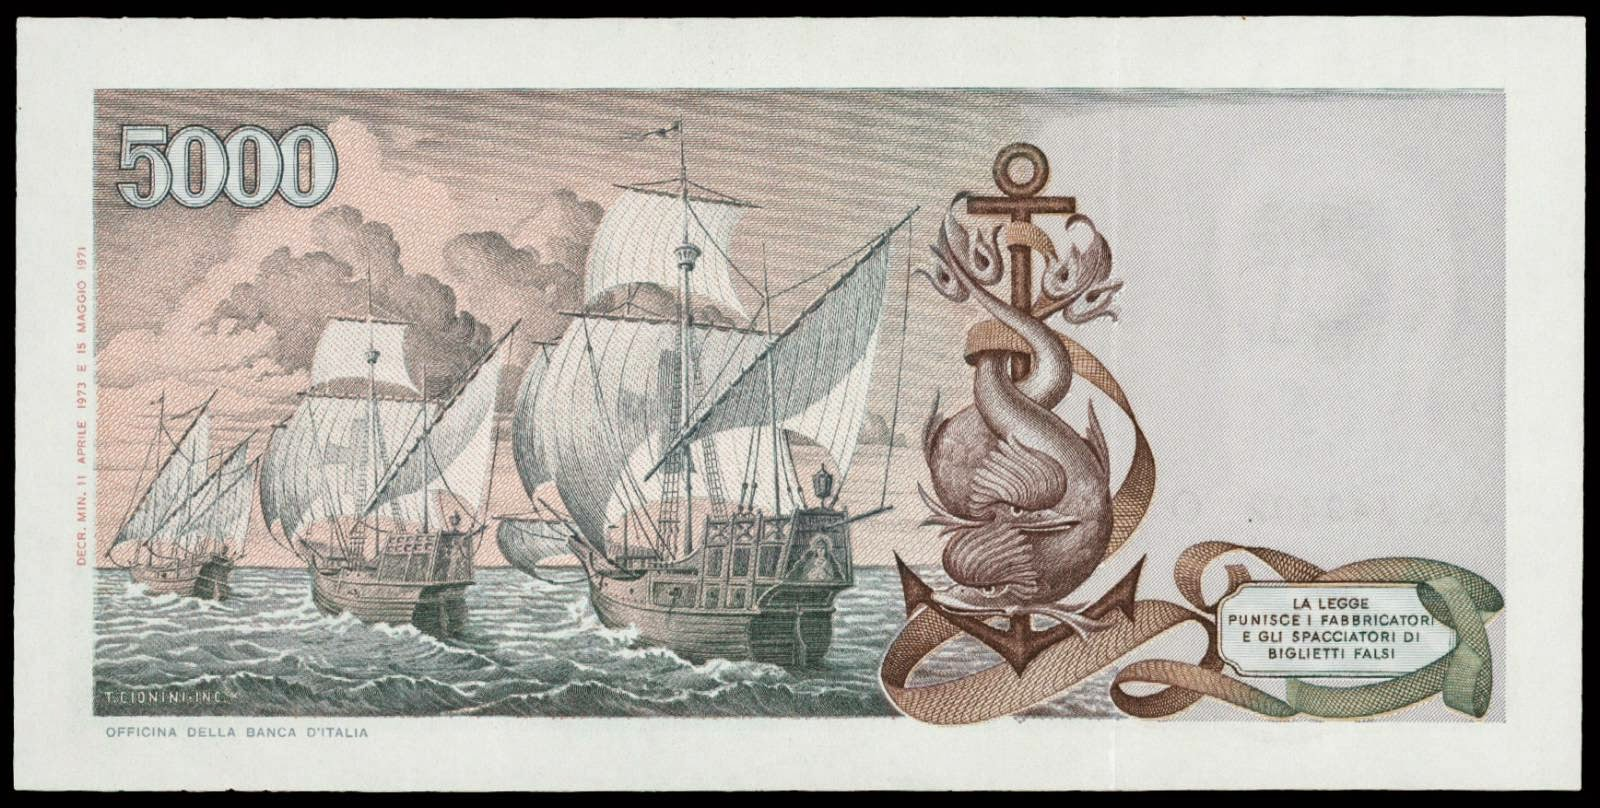 Italy 5000 Lira note